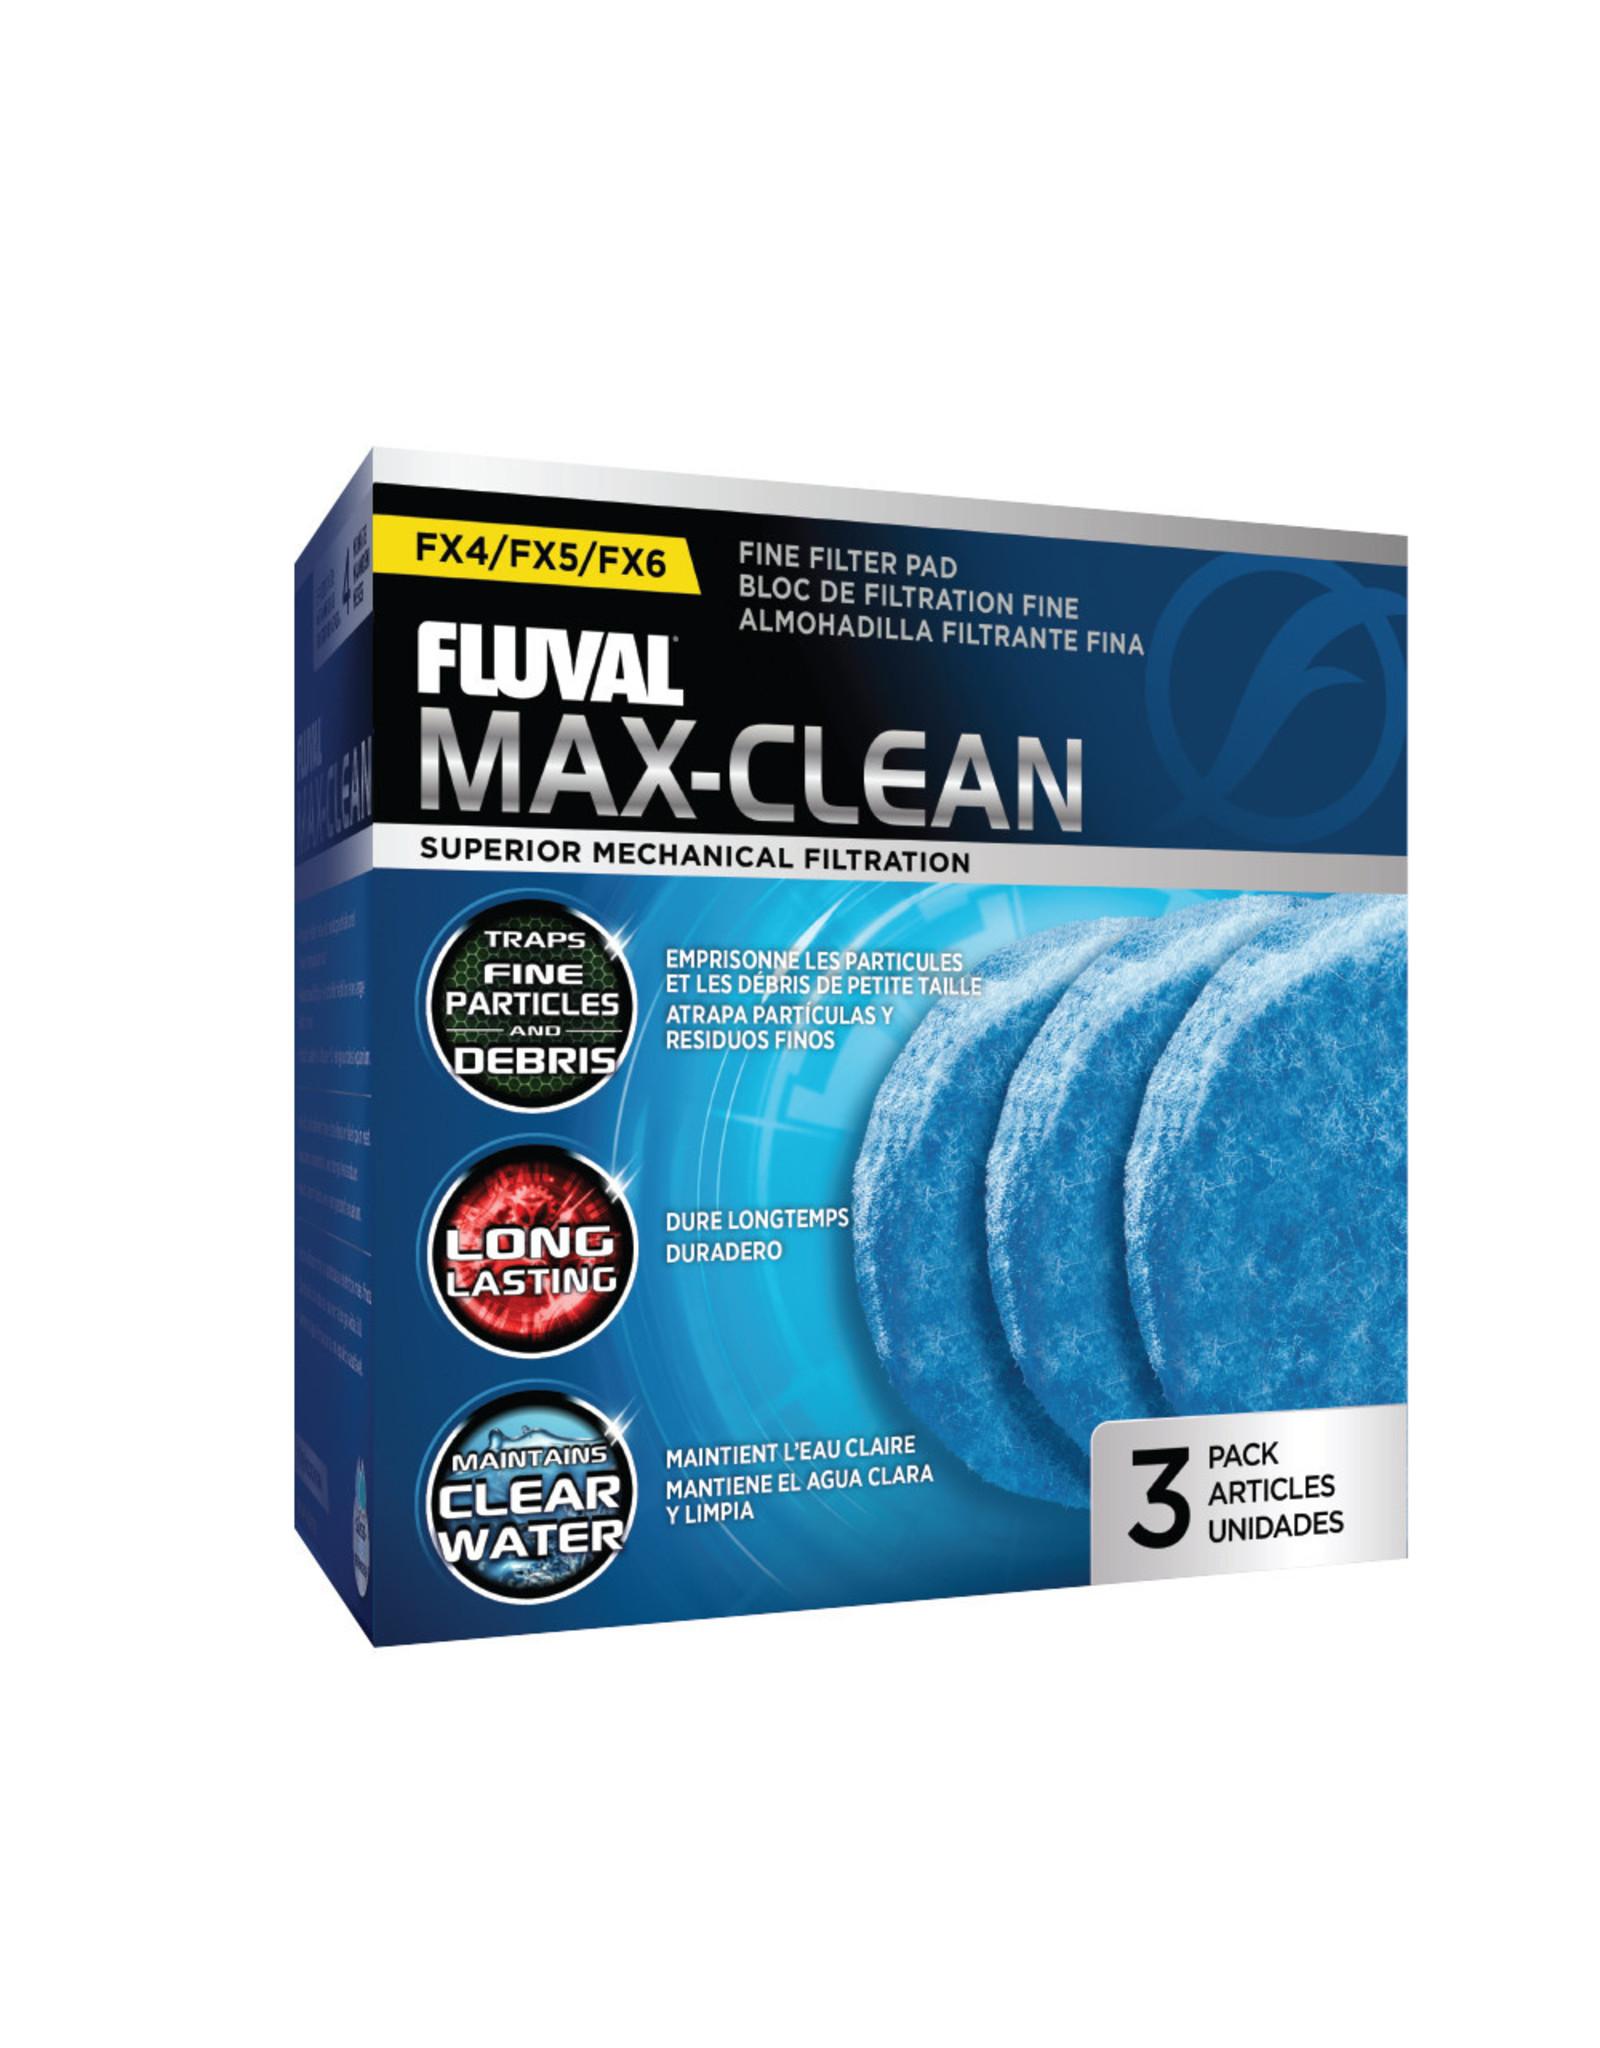 Fluval Fluval FX4/FX5/FX6 Max-Clean - 3 pack